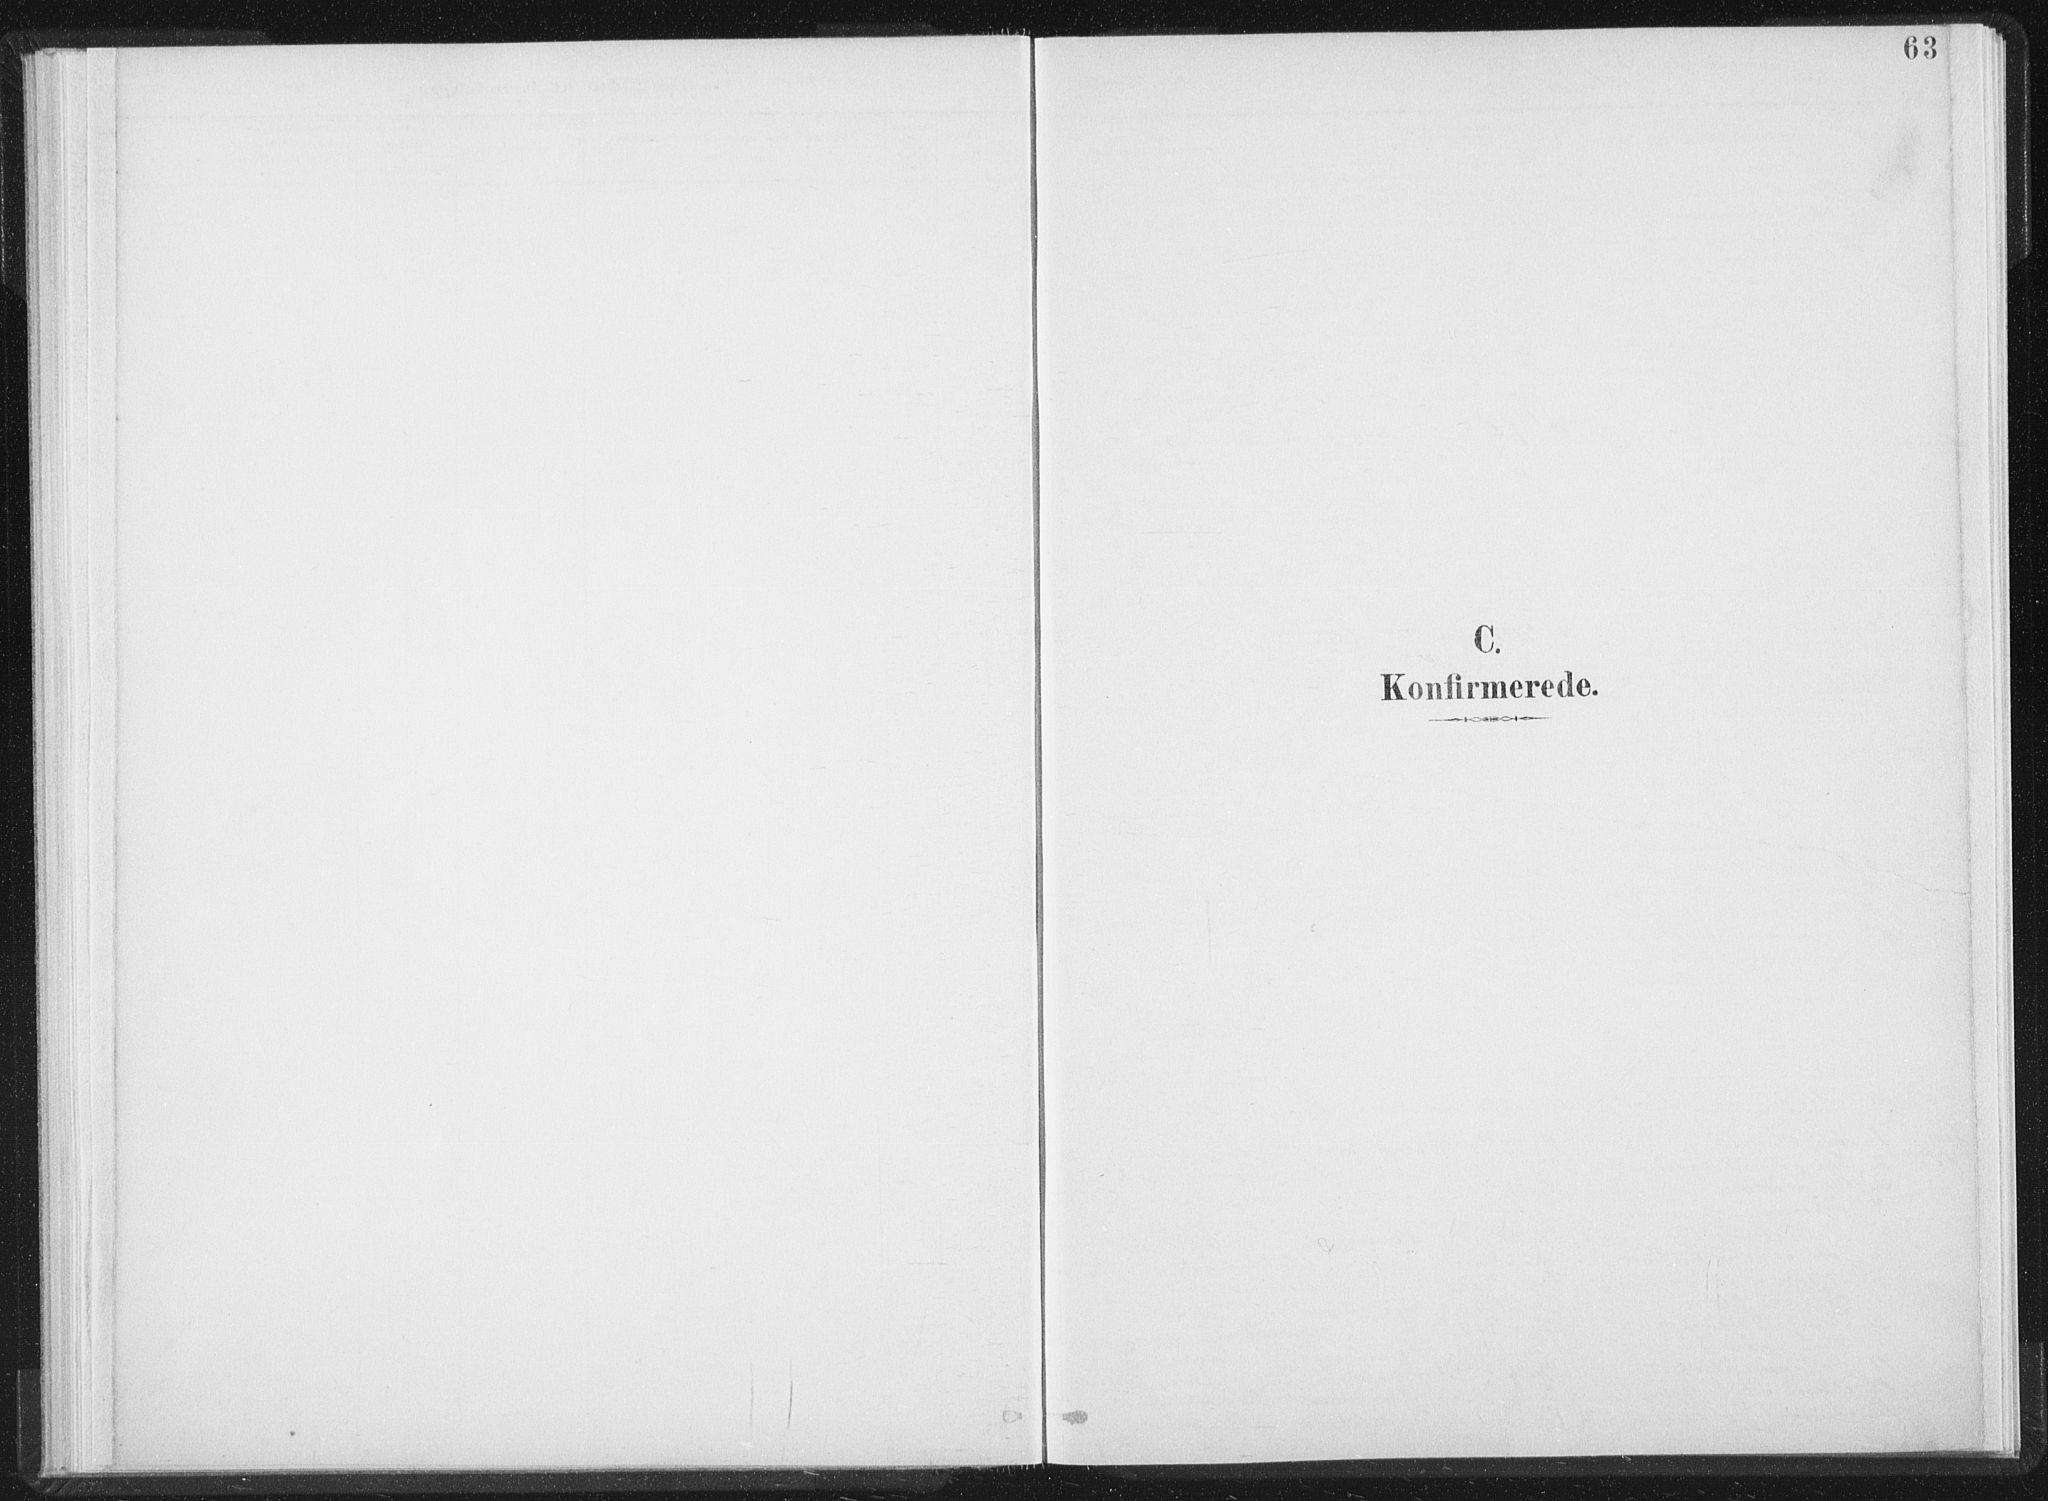 SAT, Ministerialprotokoller, klokkerbøker og fødselsregistre - Nord-Trøndelag, 724/L0263: Ministerialbok nr. 724A01, 1891-1907, s. 63